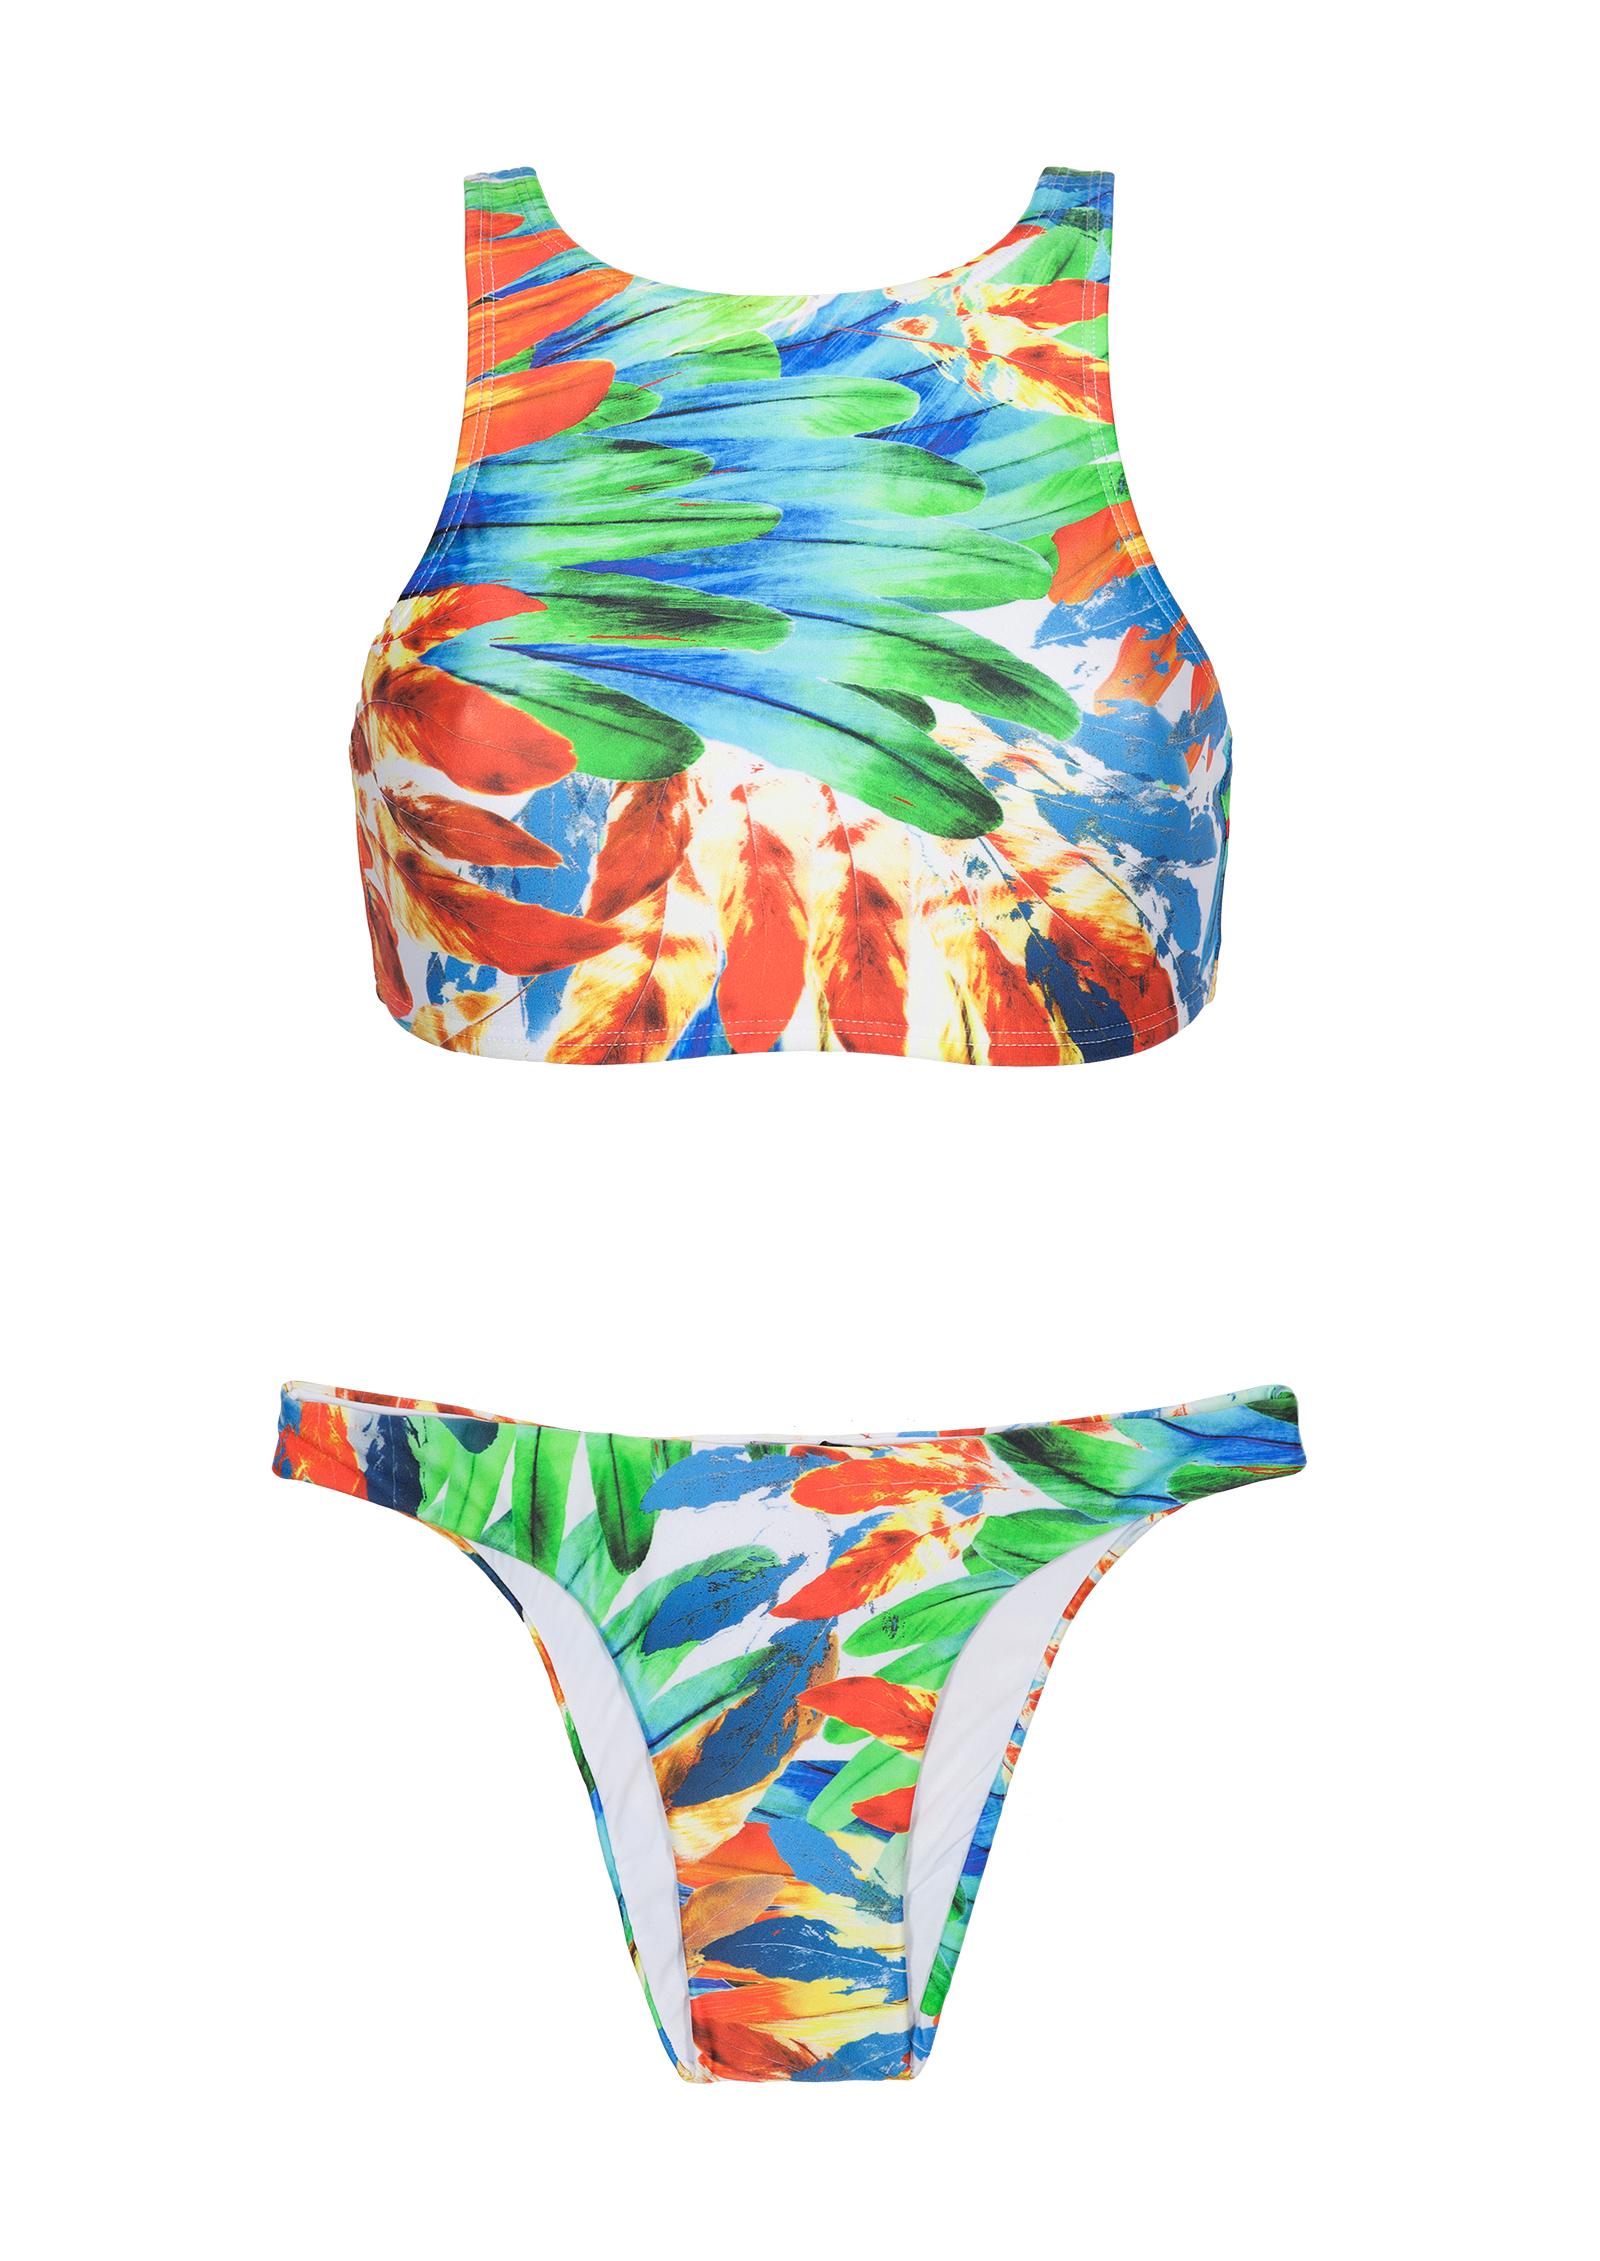 Y Crop Dos Fija Athletic Top New Bikini PiezasBraguita Con De Estampado Imperial Plumas Forma dWrCxBeo